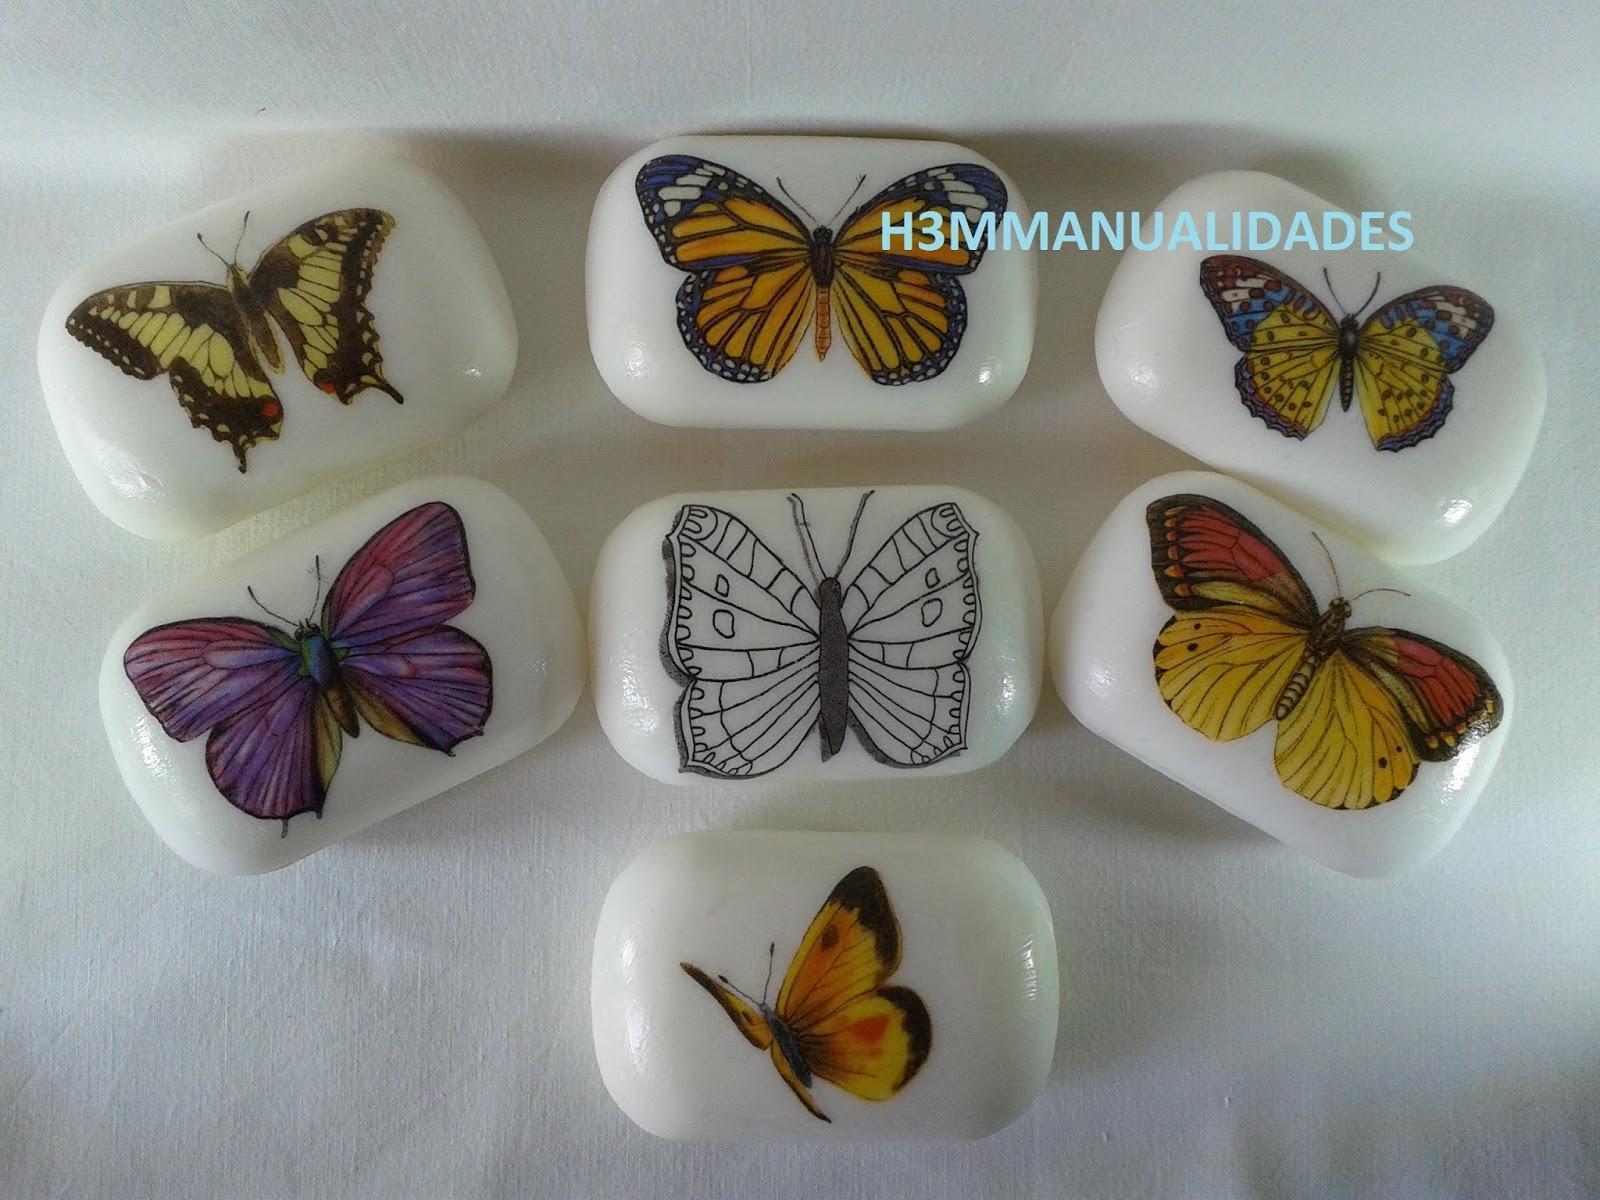 H3m Manualidades Jabones Decorados Con Mariposas - Que-manualidades-puedo-hacer